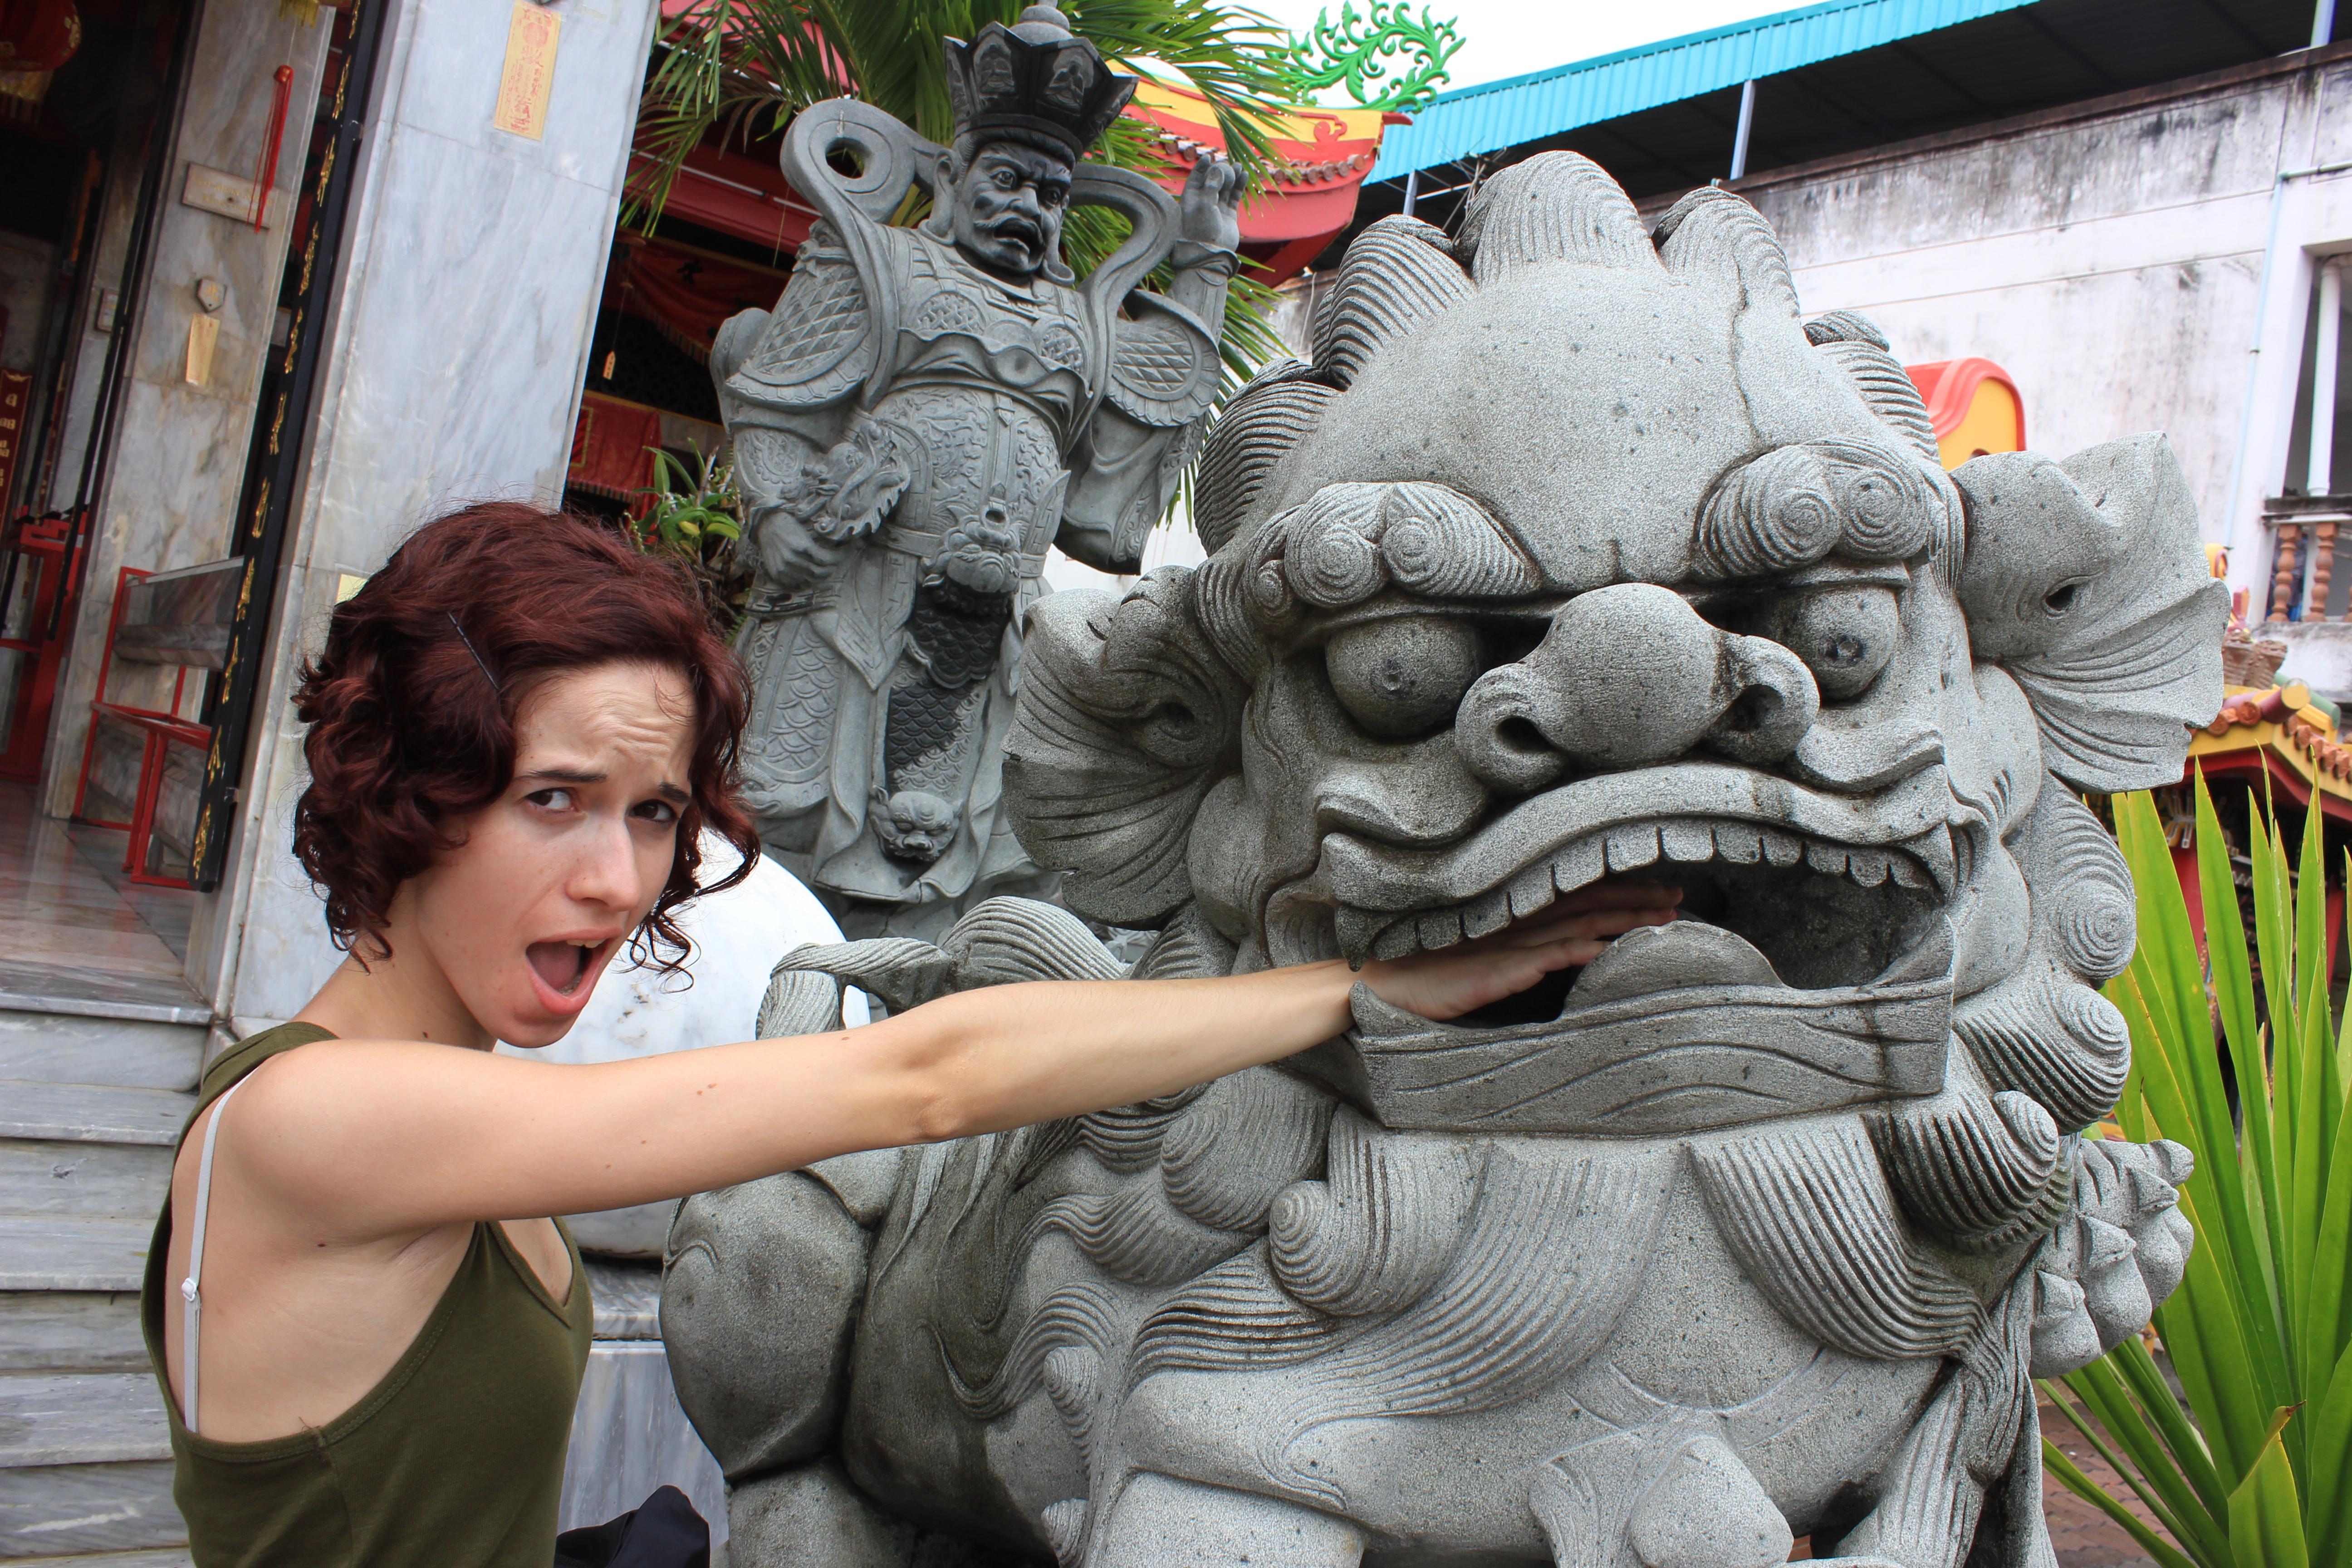 El ataque de las estatuas vivientes